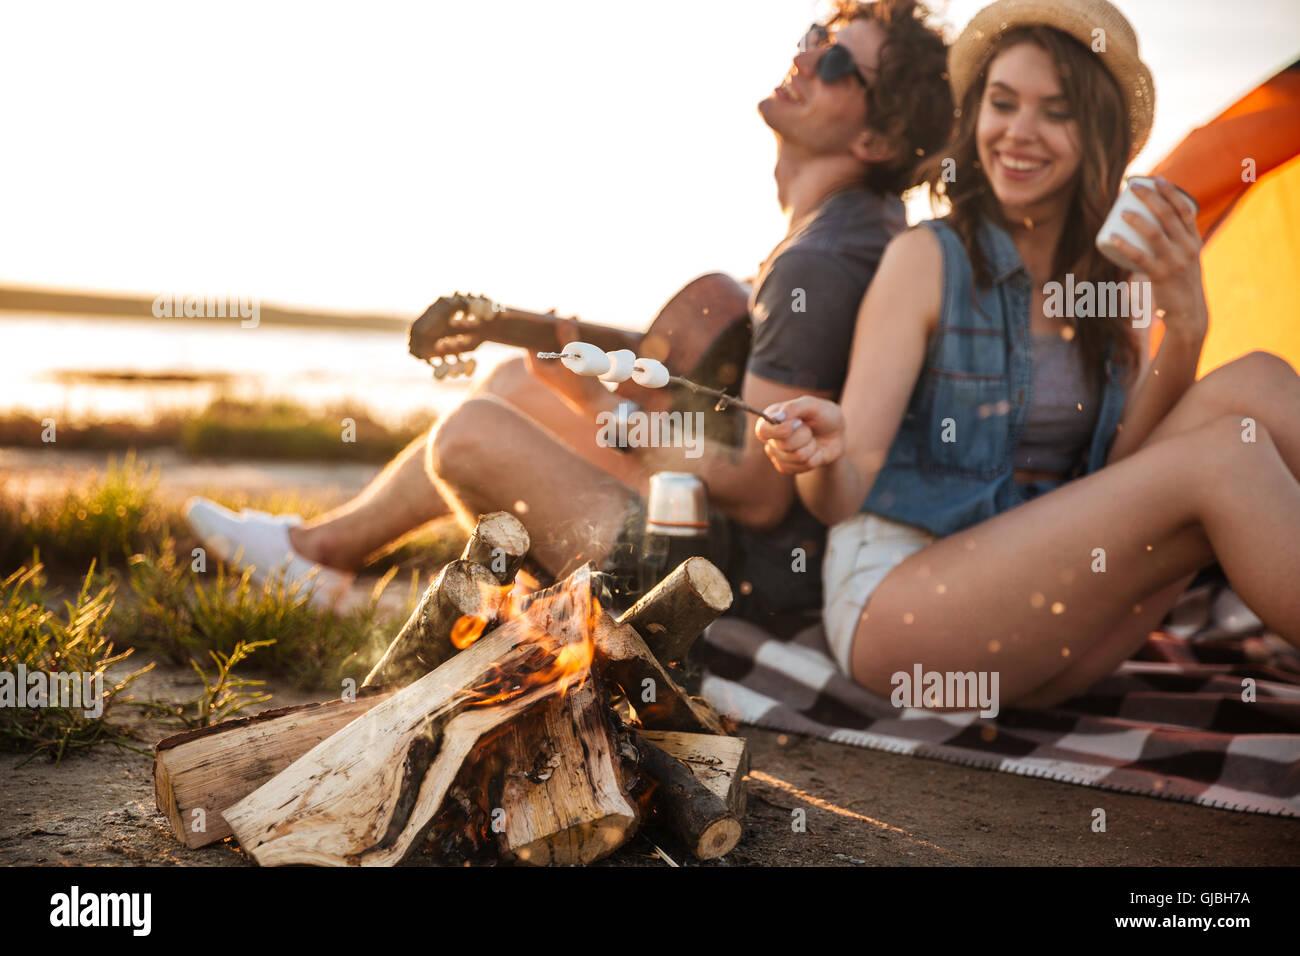 Alegre hermosa pareja joven tocando la guitarra y freír malvaviscos en la fogata Imagen De Stock